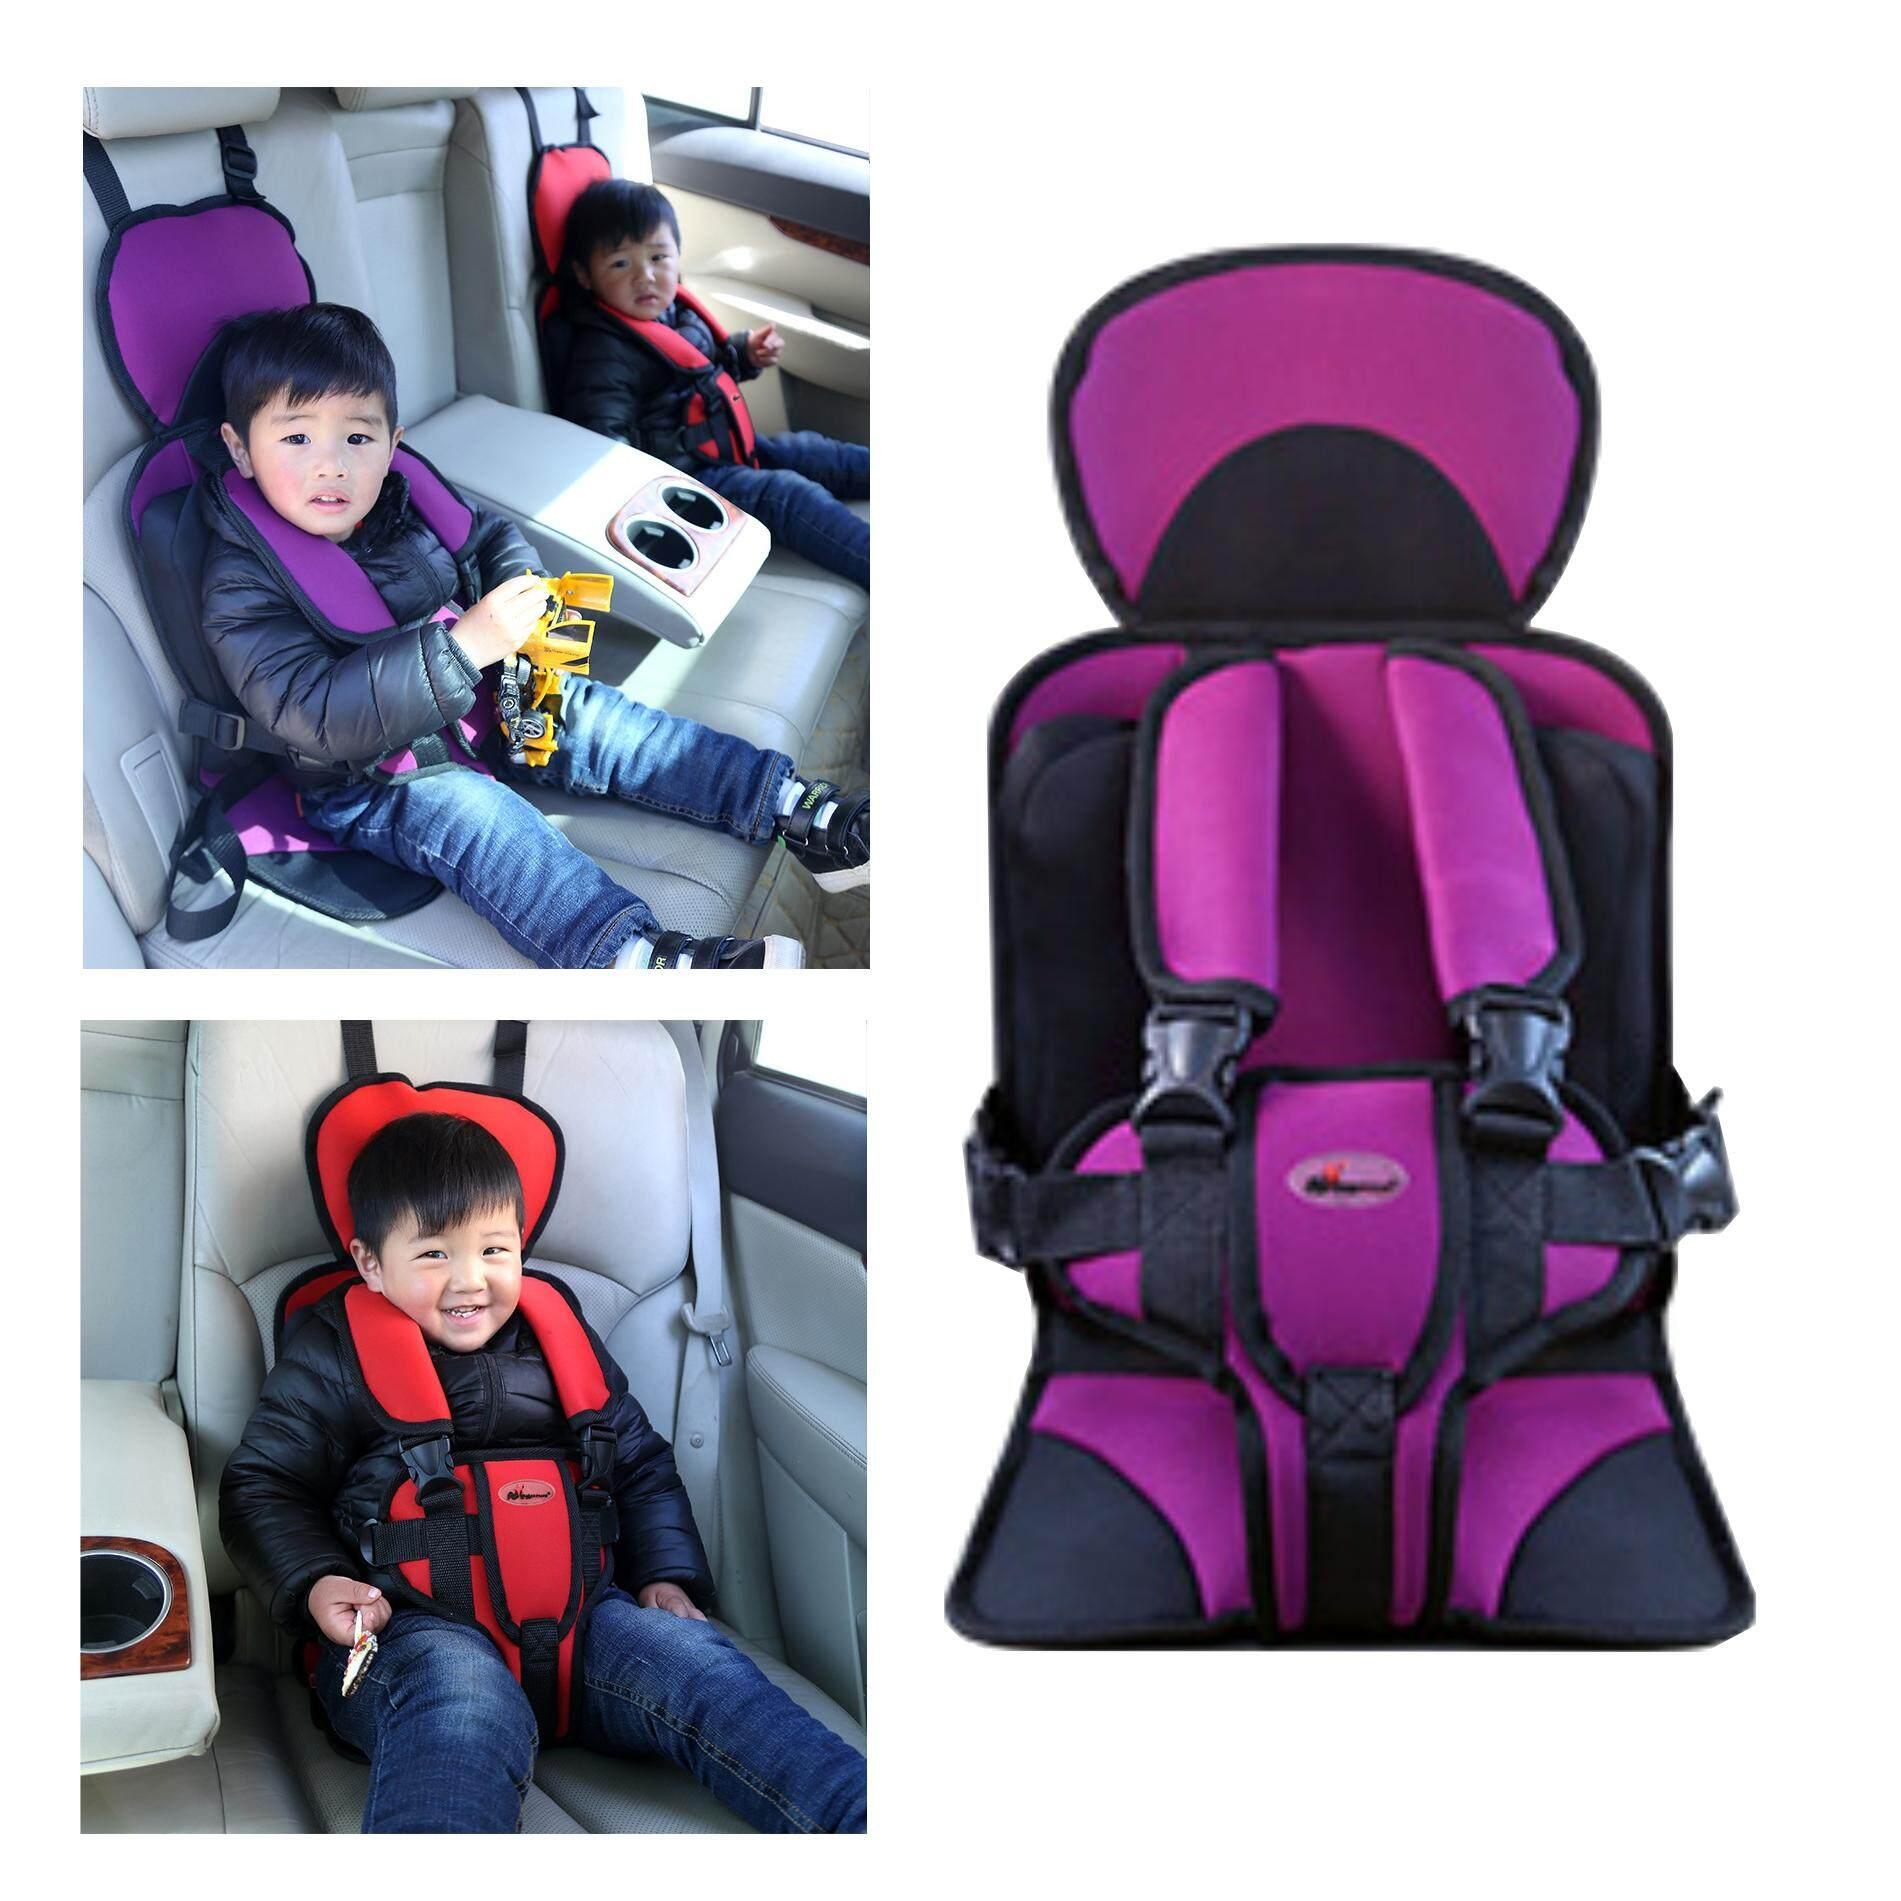 Baby Car Seat ที่นั่งสำหรับเด็กในรถยนต์ เบาะนั่งนิรภัยในรถยนต์ รุ่น Ns-119.